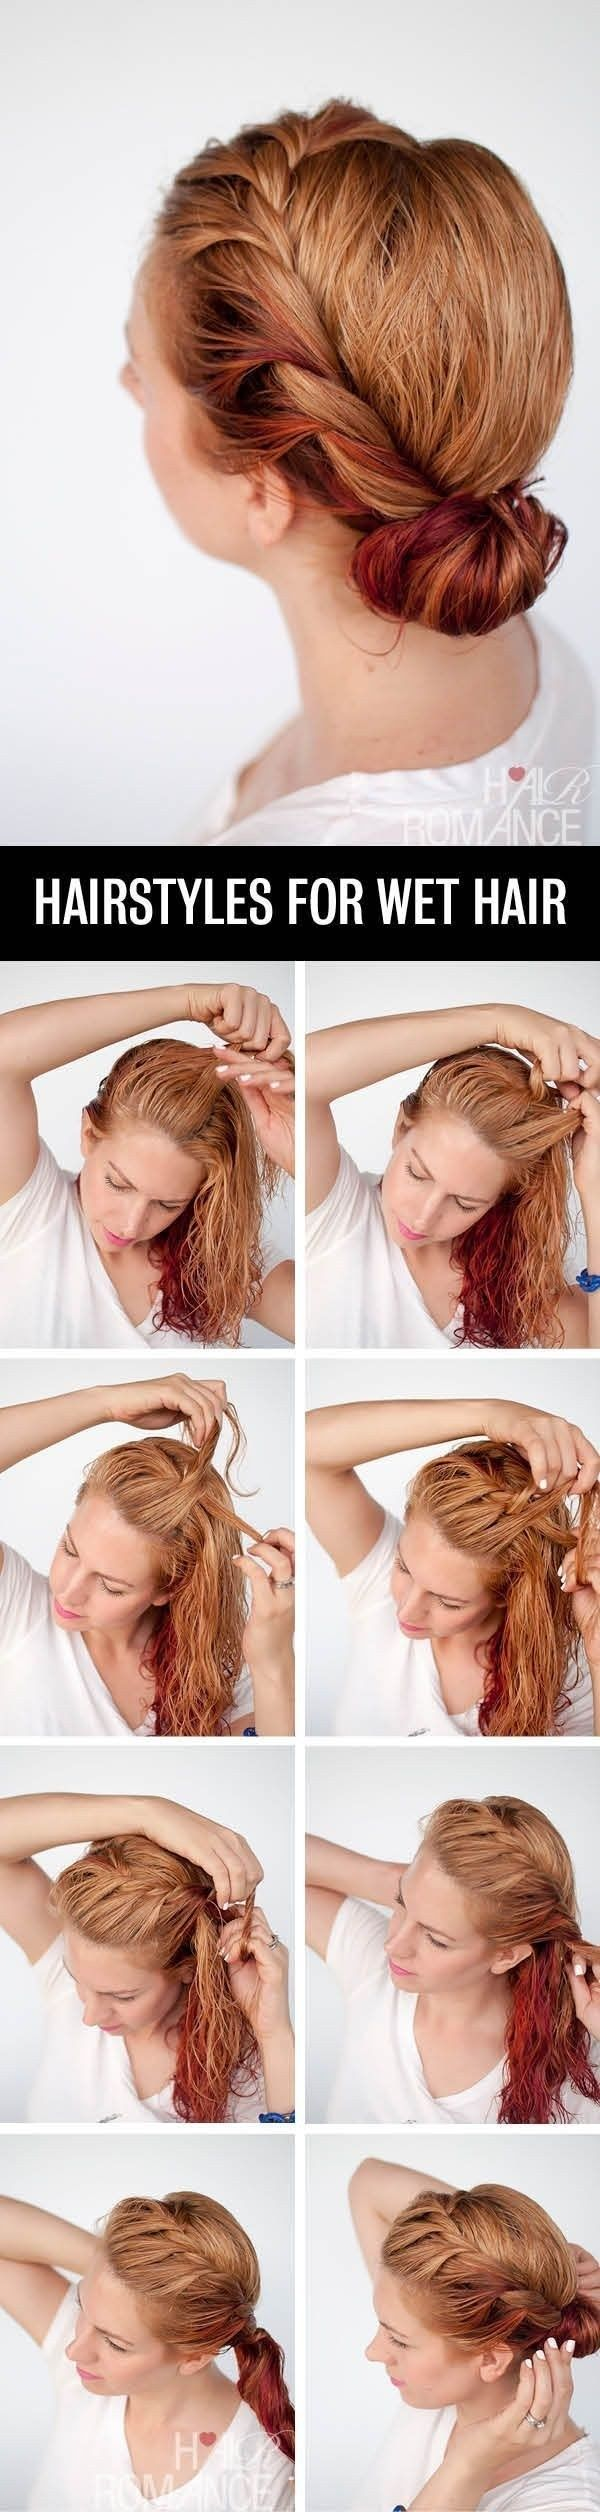 Si acabas de salir de la regadera y no quieres llegar tarde a la escuela, trenza tu cabello en forma de corona o tuerce tu cabello mojado y recógelo.